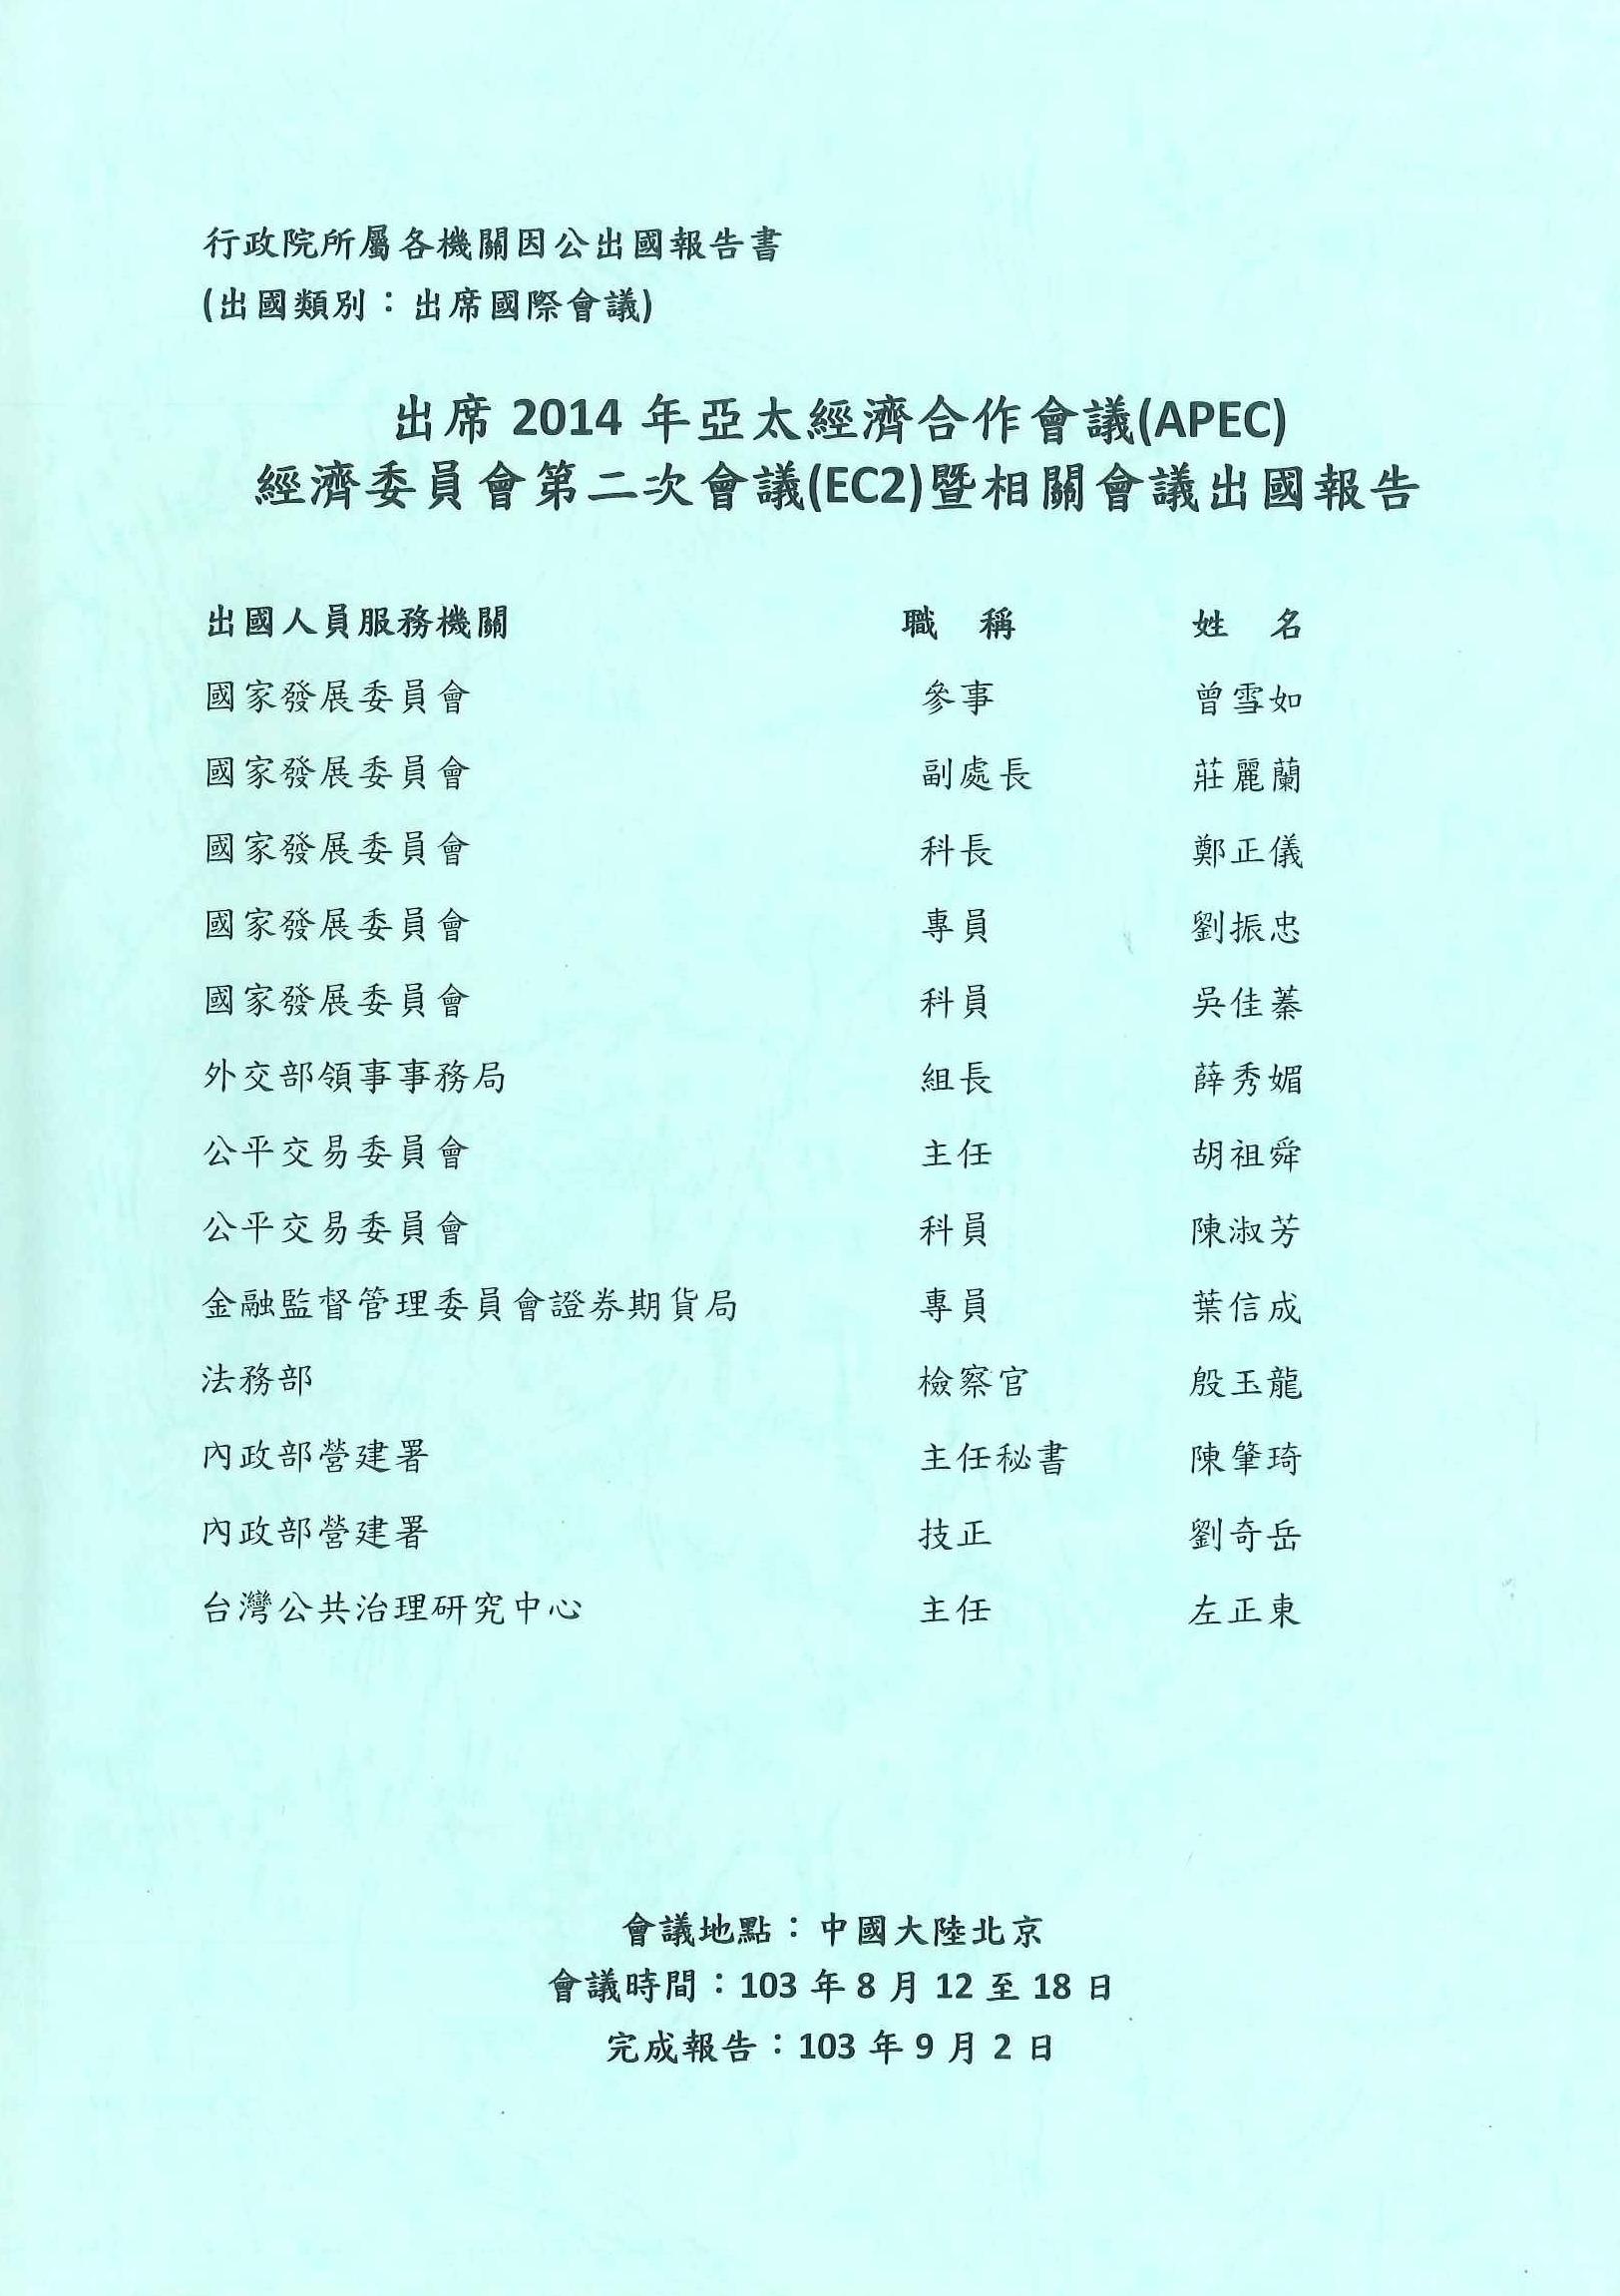 出席2014年亞太經濟合作會議(APEC)經濟委員會第二次會議(EC2)暨相關會議出國報告